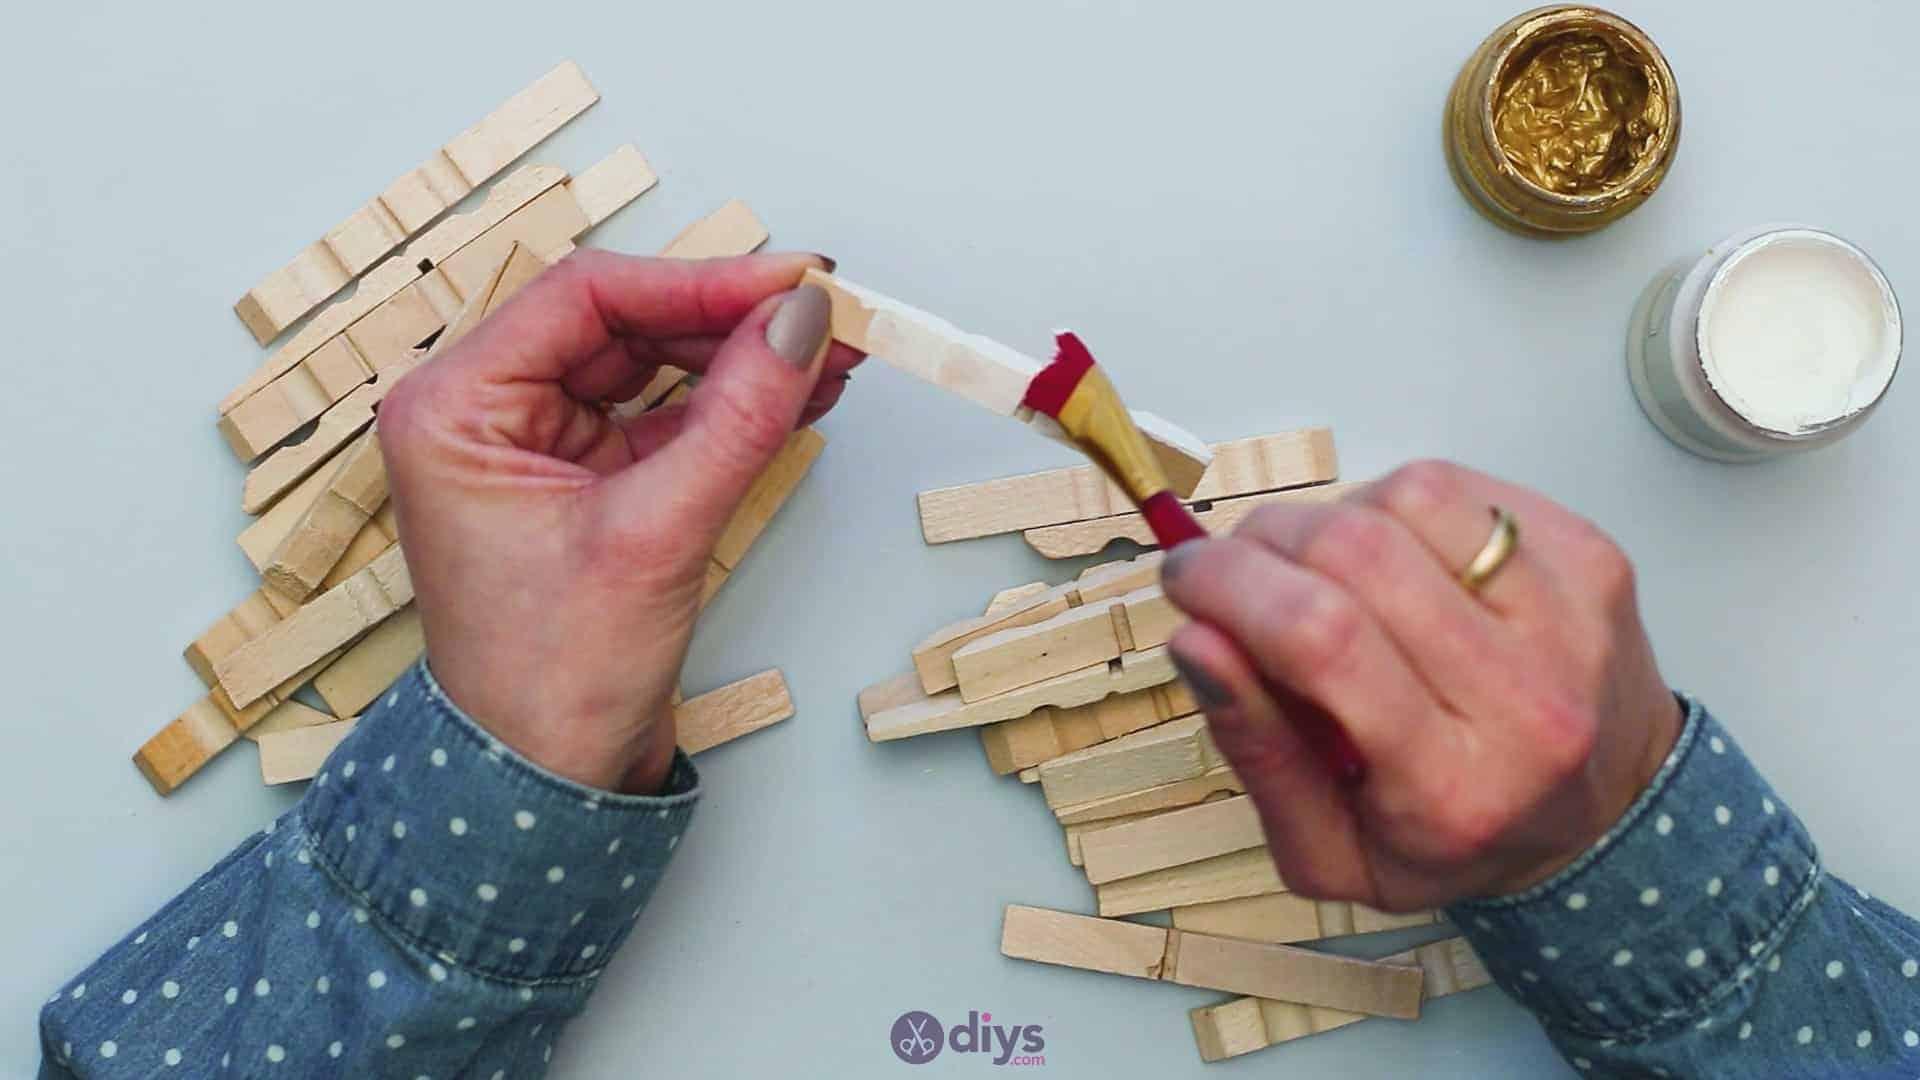 Diy clothespin art step 3c